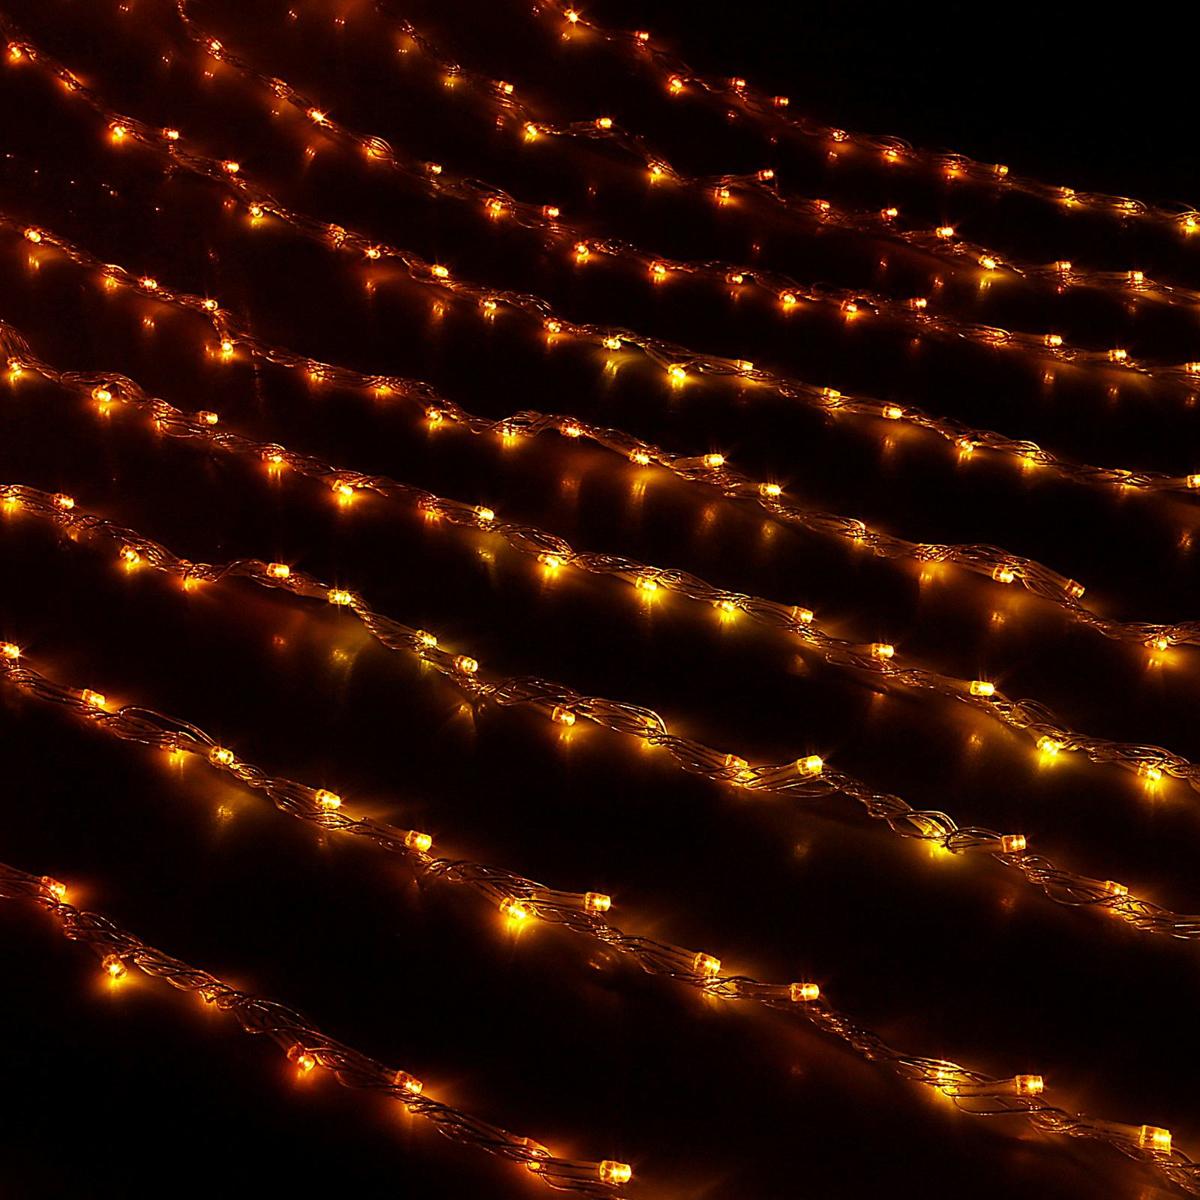 Гирлянда светодиодная Luazon Дождь, цвет: желтый, 400 ламп, 8 режимов, 220 V, 2 х 1,5 м. 705963705963Светодиодные гирлянды и ленты — это отличный вариант для новогоднего оформления интерьера или фасада. С их помощью помещение любого размера можно превратить в праздничный зал, а внешние элементы зданий, украшенные ими, мгновенно станут напоминать очертания сказочного дворца. Такие украшения создают ауру предвкушения чуда. Деревья, фасады, витрины, окна и арки будто специально созданы, чтобы вы украсили их светящимися нитями.